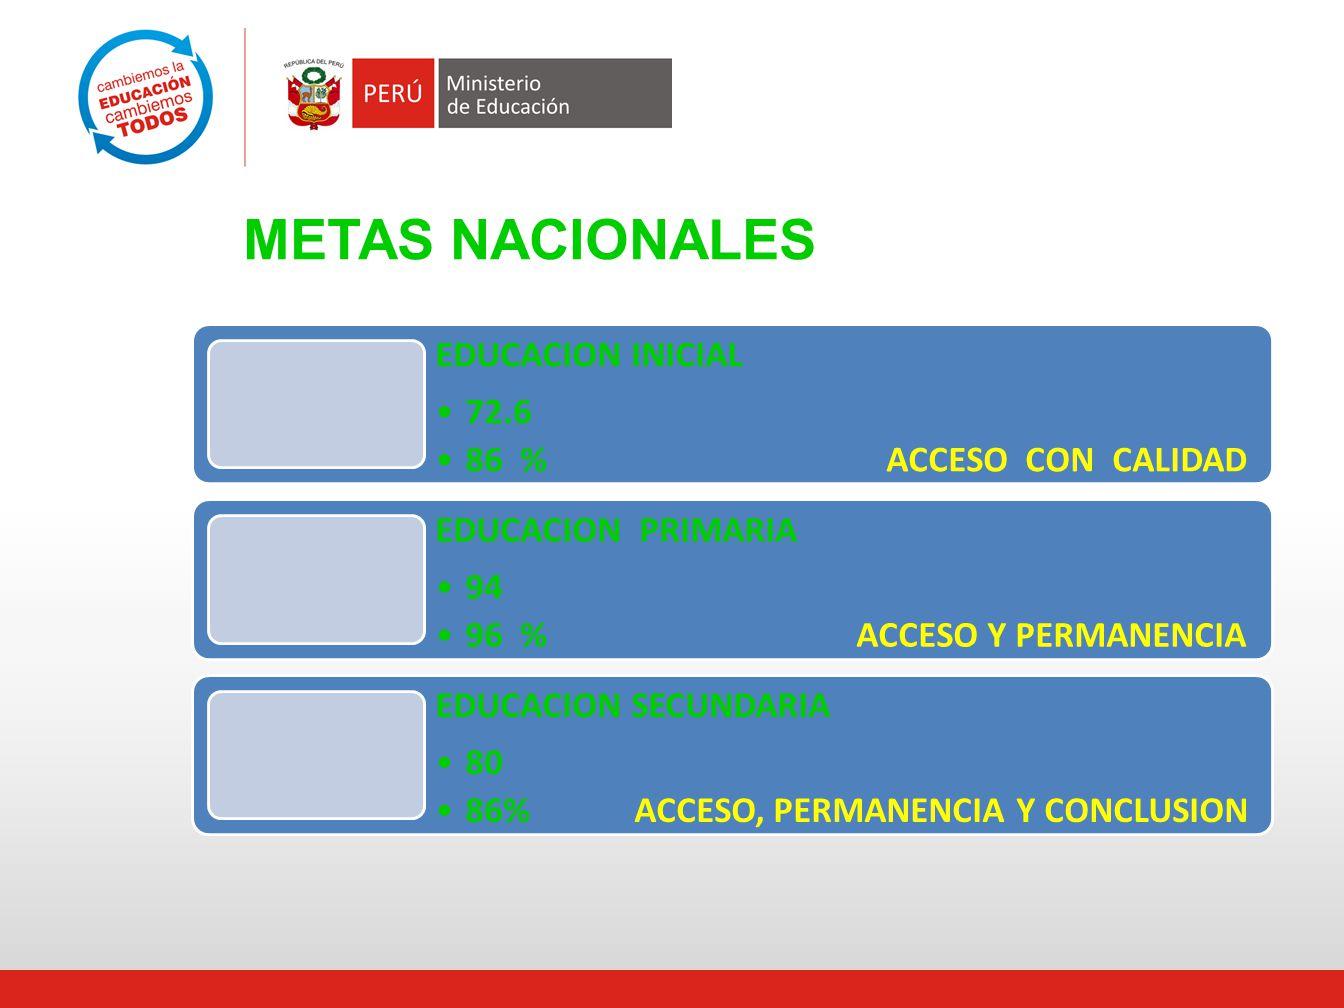 METAS NACIONALES EDUCACION INICIAL 72.6 86 % ACCESO CON CALIDAD